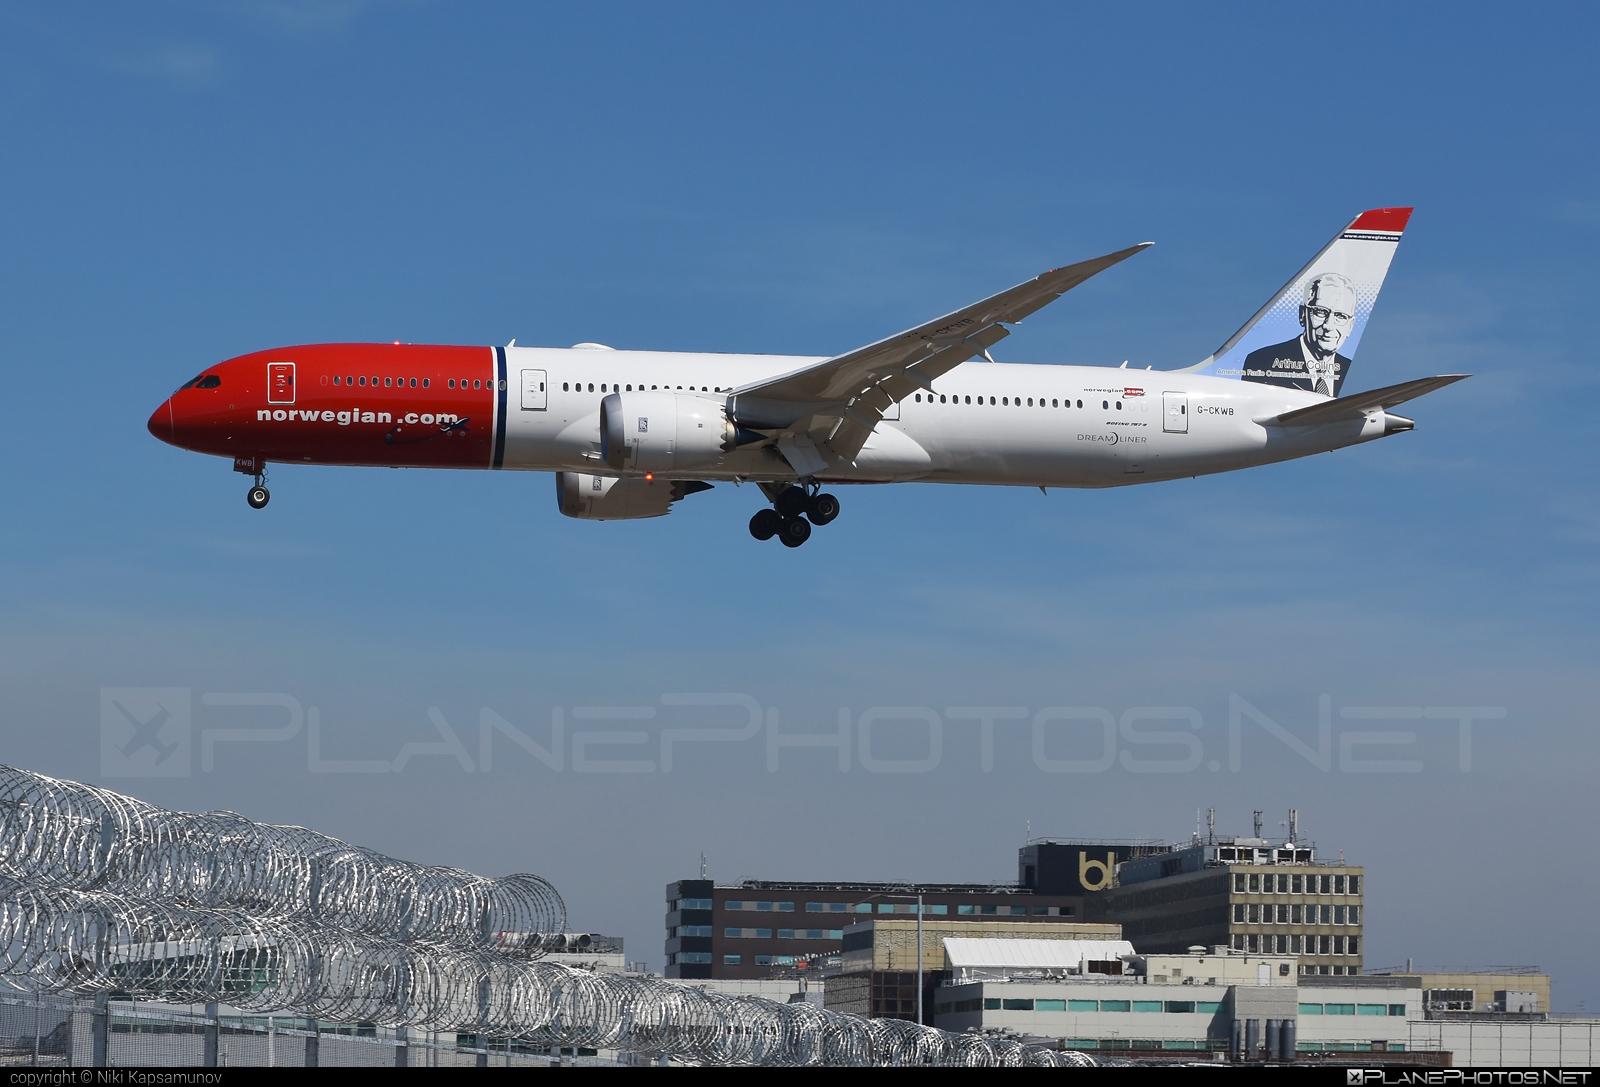 Boeing 787-9 Dreamliner - G-CKWB operated by Norwegian Air UK #b787 #boeing #boeing787 #dreamliner #norwegian #norwegianair #norwegianairuk